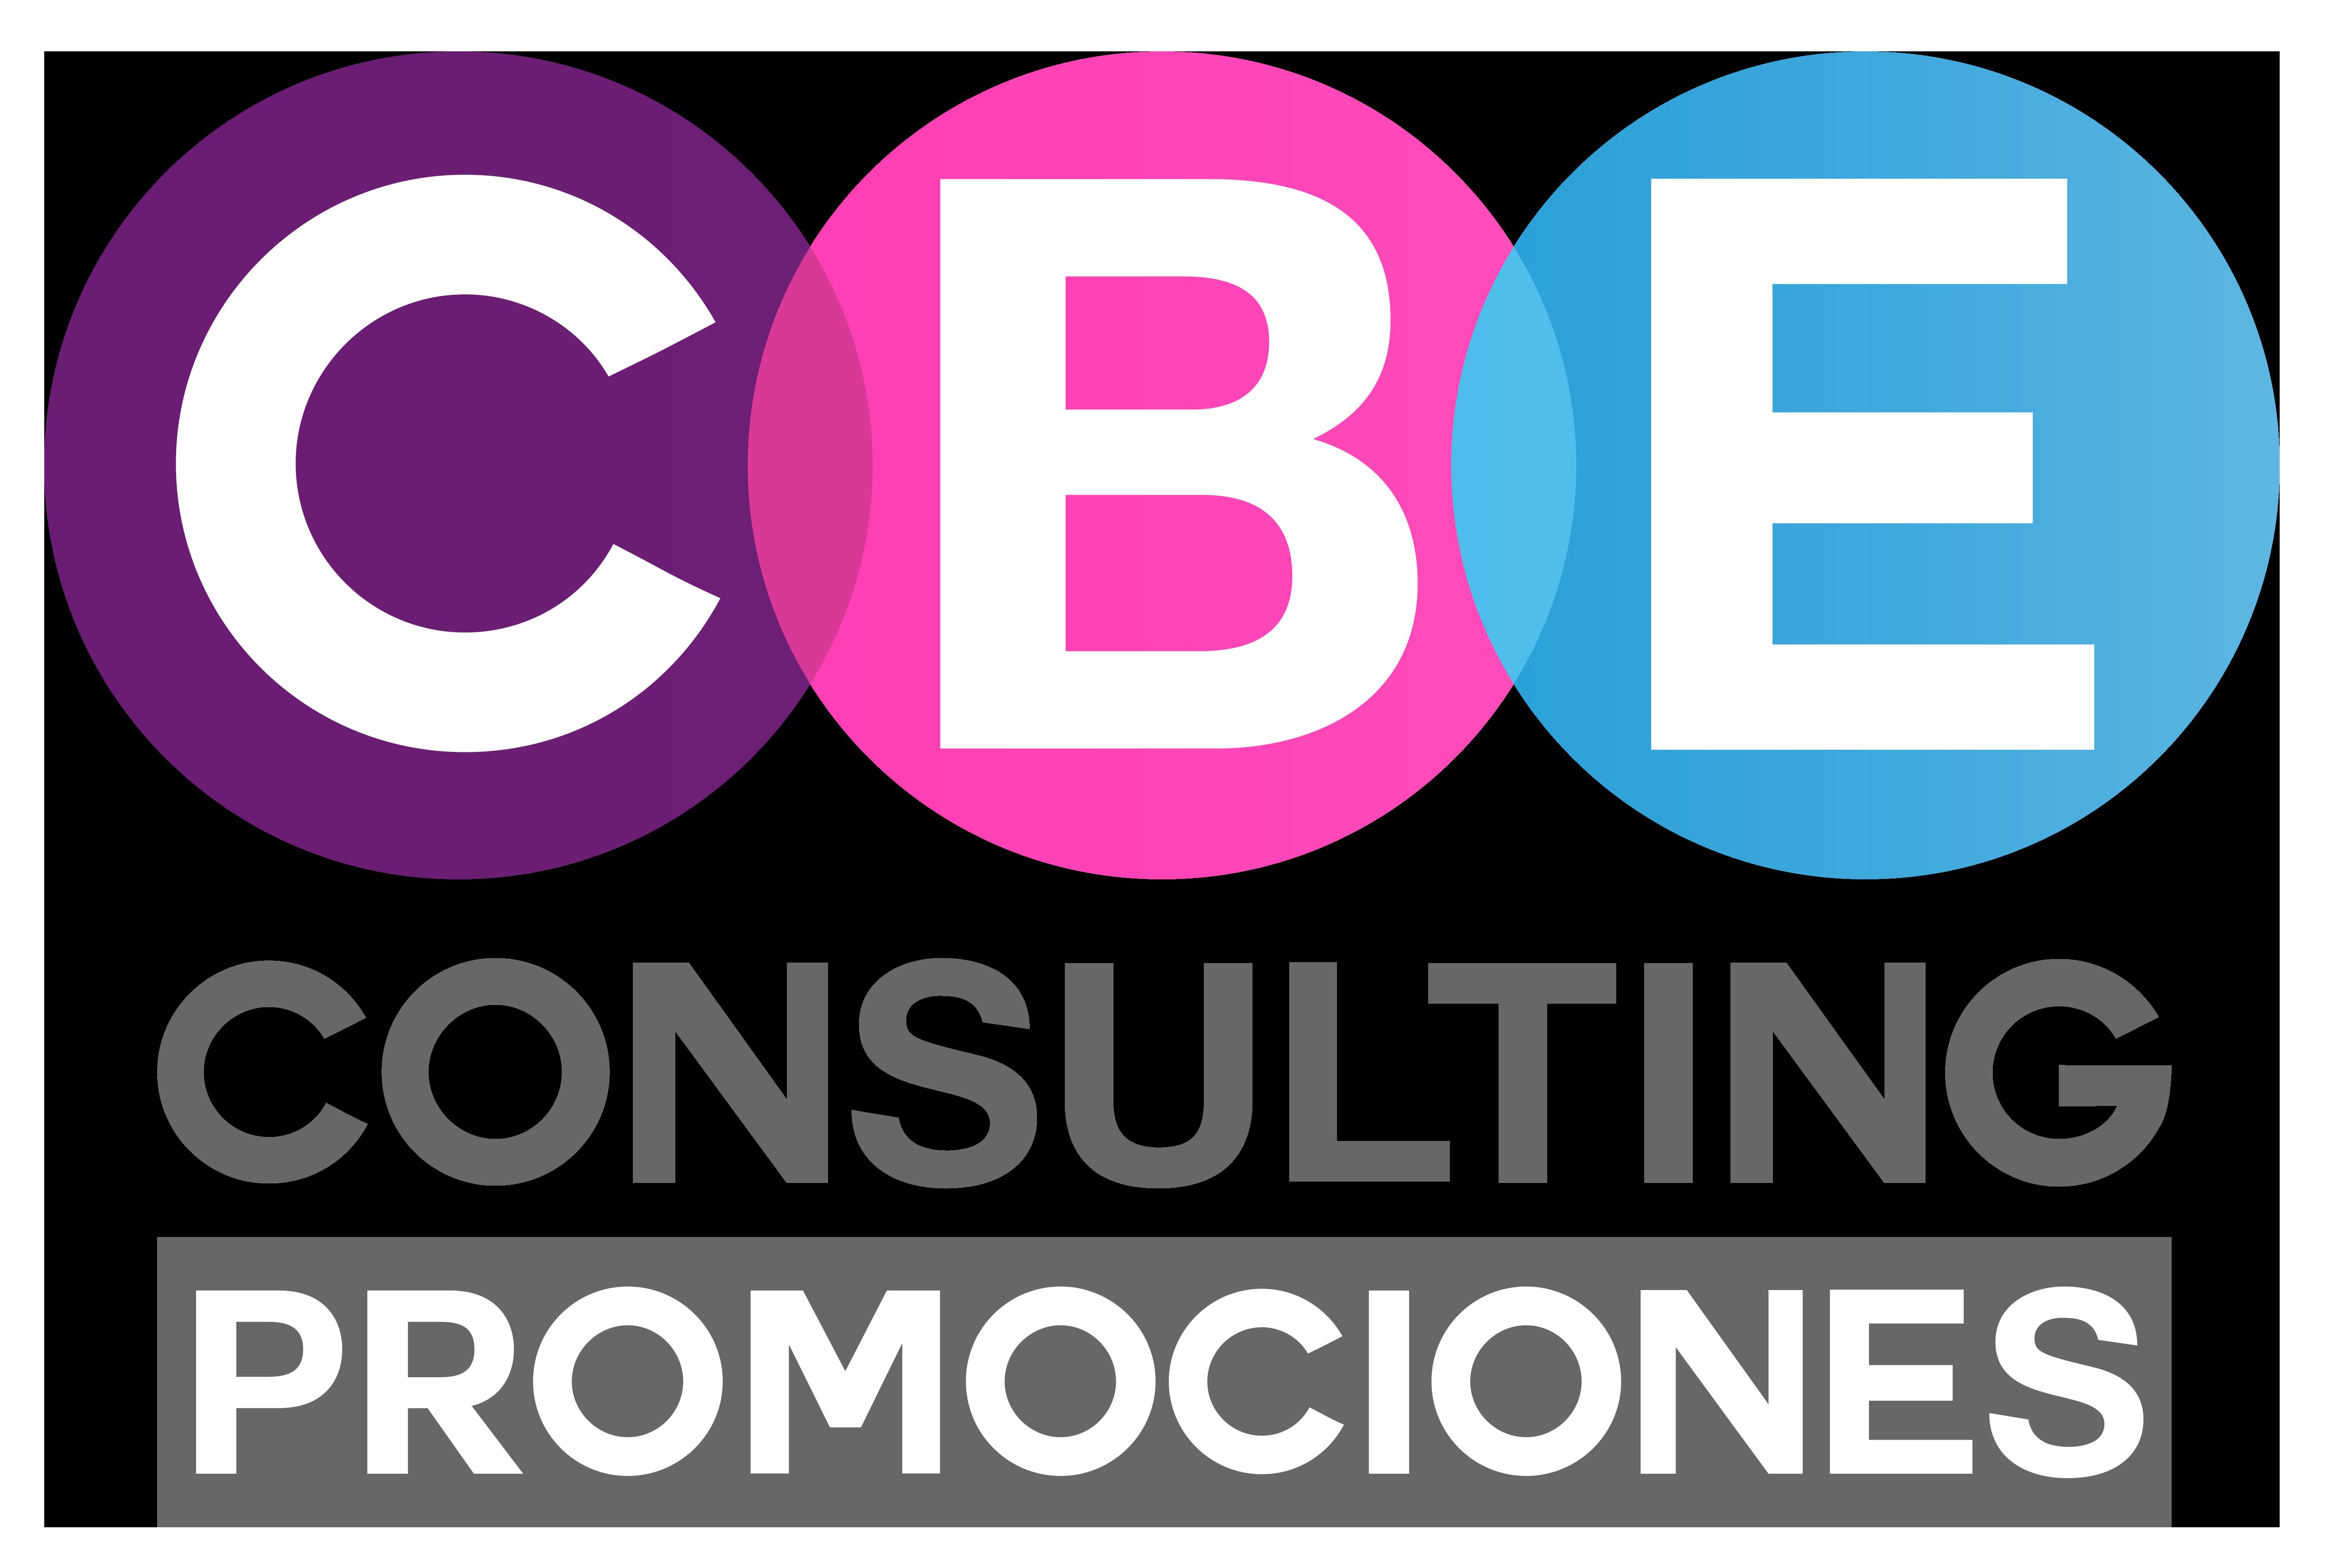 CBE Consulting - CBE Promociones, vastgoed Costa Blanca